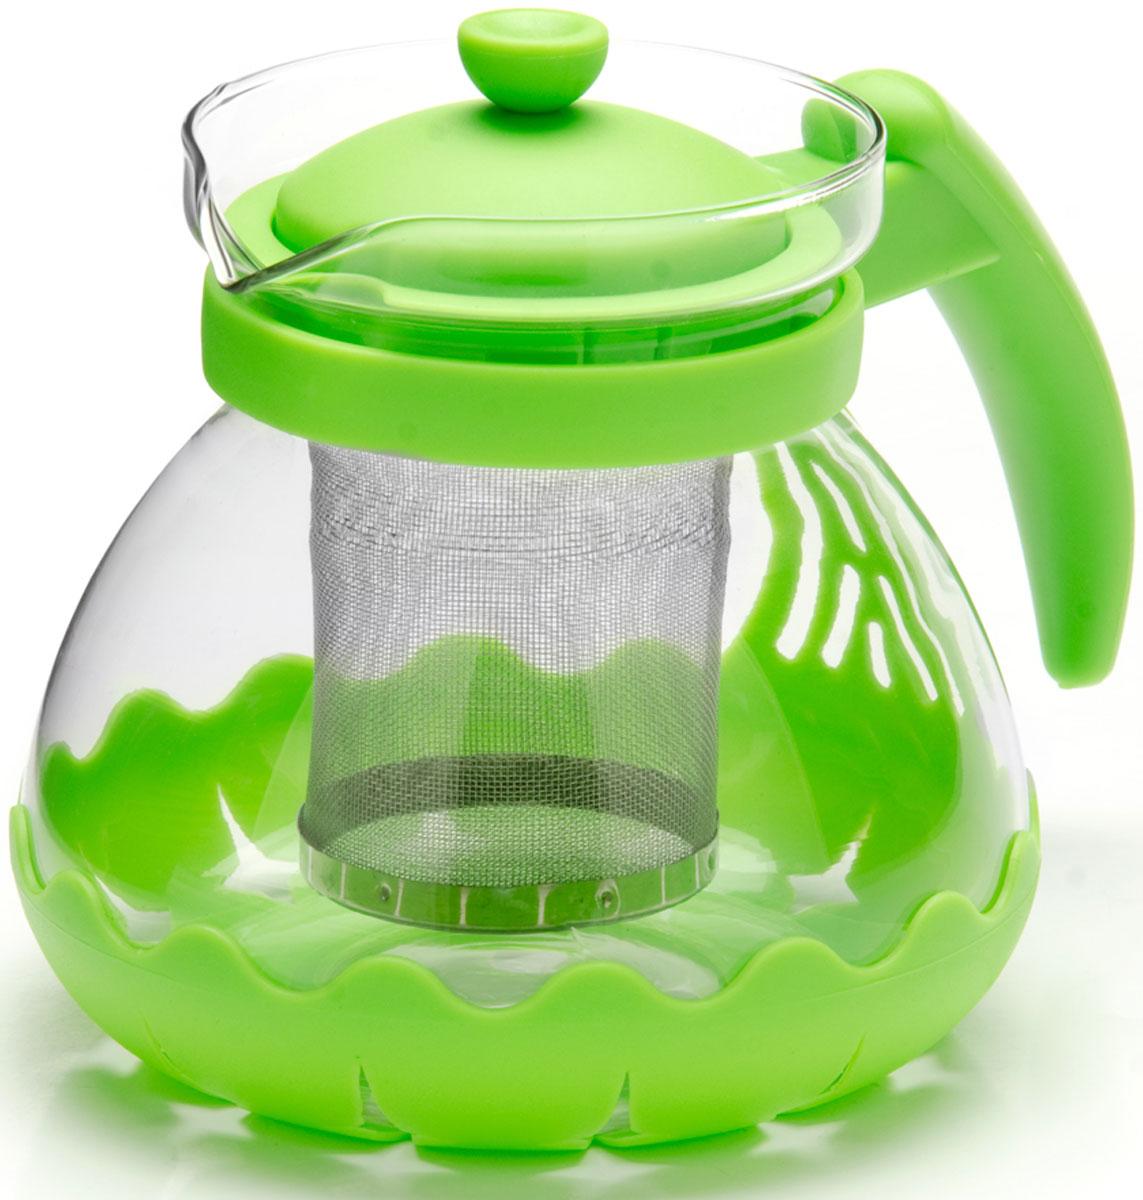 Чайник заварочный Mayer & Boch, с фильтром, цвет: зеленый, 0,7 л. 26173-3VT-1520(SR)Заварочный чайник Mayer & Boch изготовлен из термостойкого боросиликатного стекла, фильтр выполнен из нержавеющей стали. Изделия из стекла не впитывают запахи, благодаря чему вы всегда получите натуральный, насыщенный вкус и аромат напитков. Заварочный чайник из стекла удобно использовать для повседневного заваривания чая практически любого сорта. Но цветочные, фруктовые, красные и желтые сорта чая лучше других раскрывают свой вкус и аромат при заваривании именно в стеклянных чайниках, а также сохраняют все полезные ферменты и витамины, содержащиеся в чайных листах. Стальной фильтр гарантирует прозрачность и чистоту напитка от чайных листьев, при этом сохранив букет и насыщенность чая.Прозрачные стенки чайника дают возможность насладиться насыщенным цветом заваренного чая. Изящный заварочный чайник Mayer & Boch будет прекрасно смотреться в любом интерьере. Подходит для мытья в посудомоечной машине.